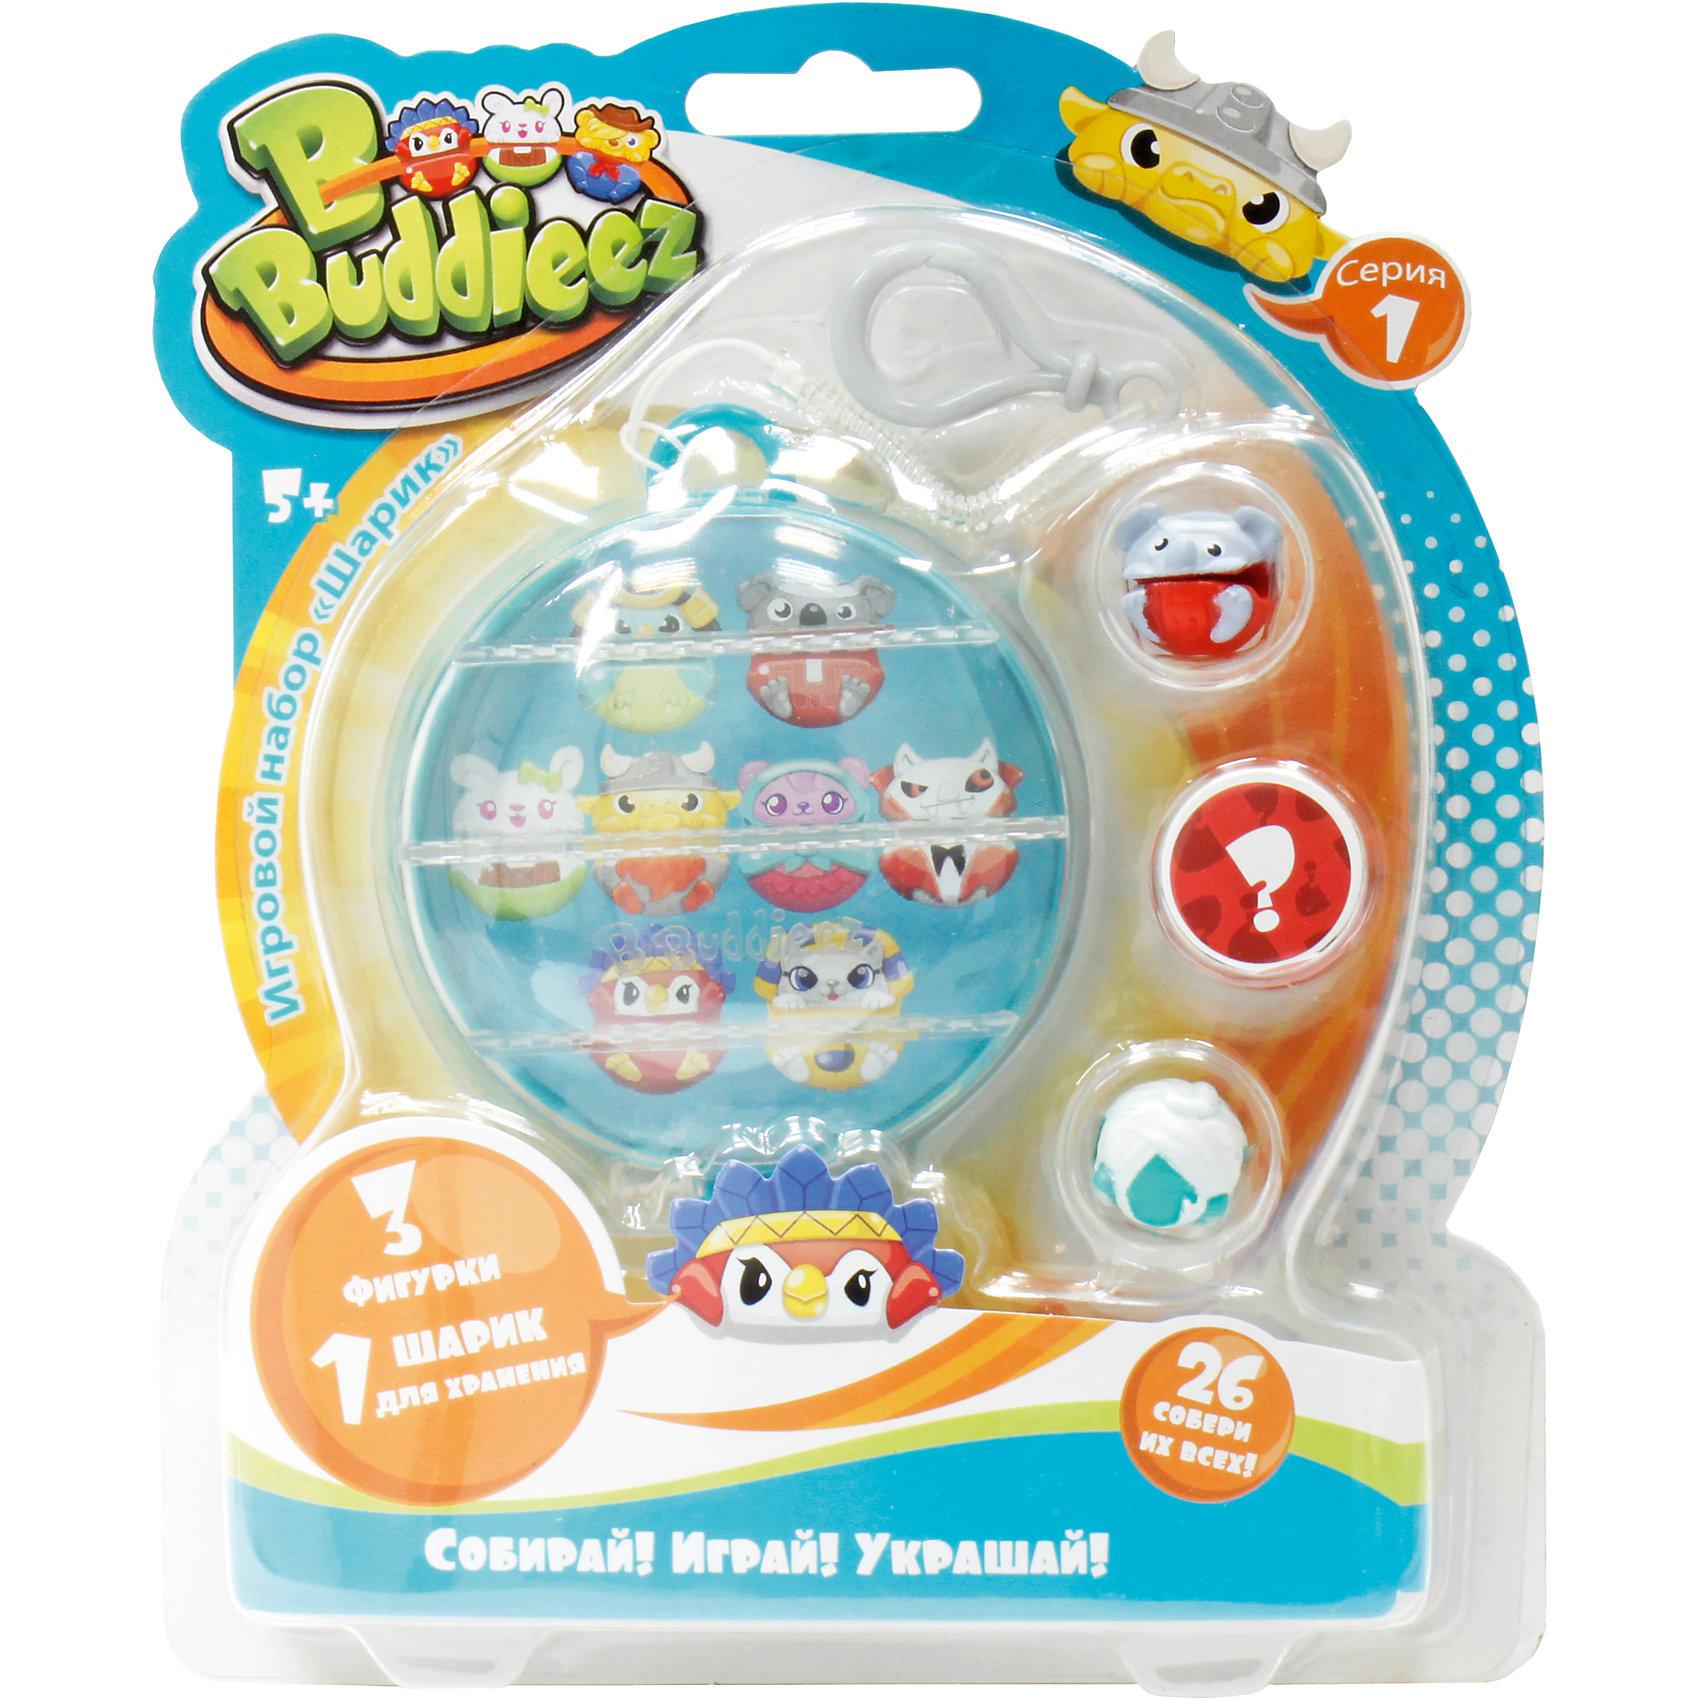 Набор Bbuddieez: шарик-шкатулка с подвеской и 3 шарма-персонажа